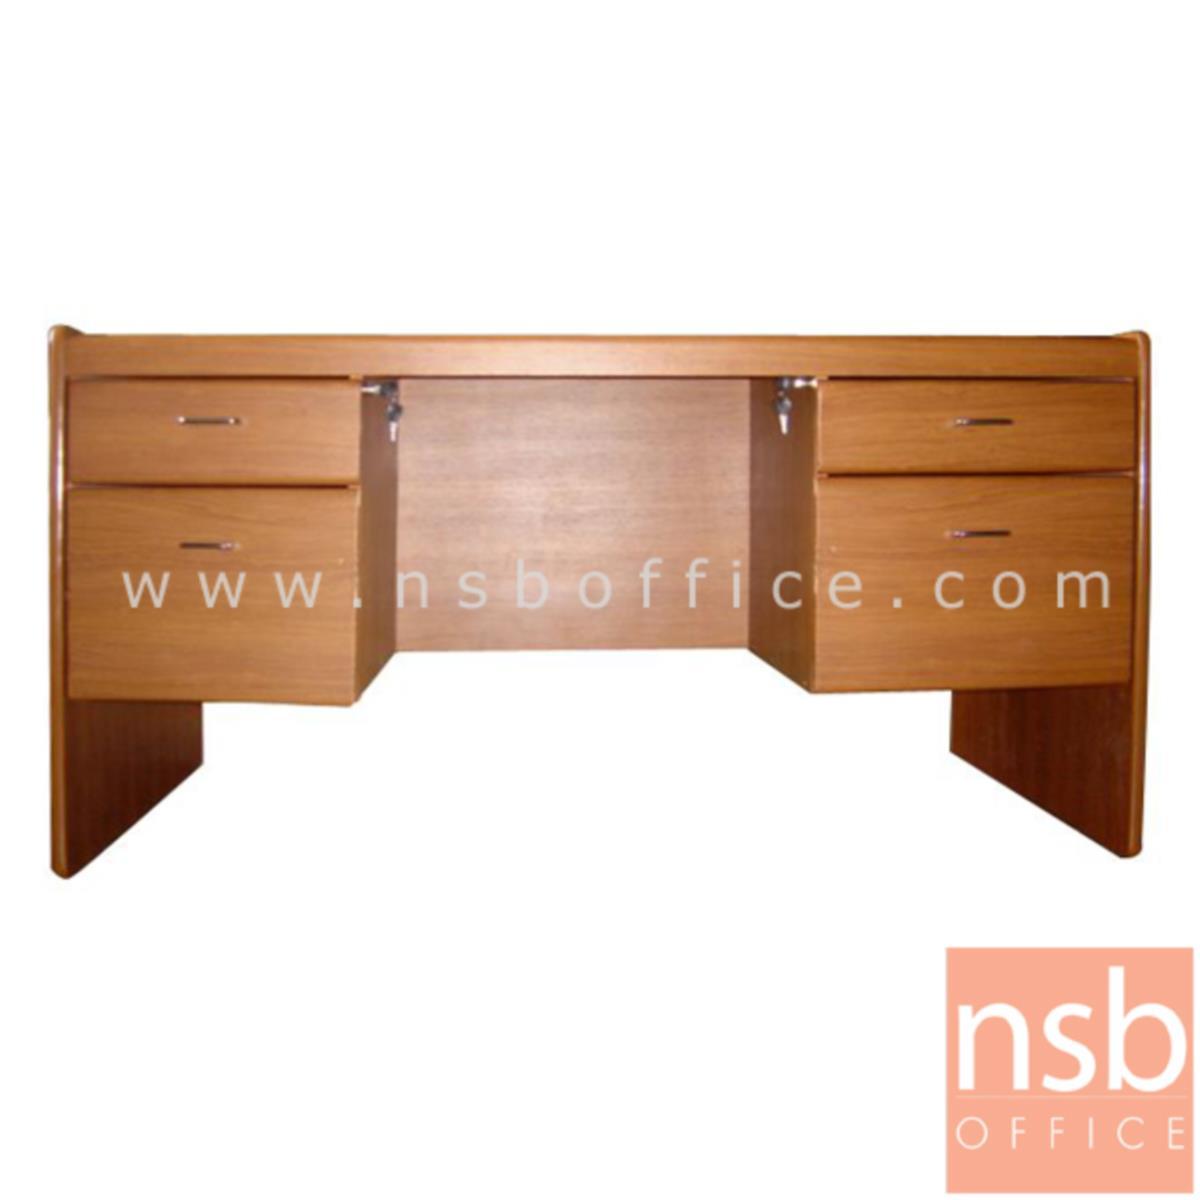 โต๊ะทำงานใหญ่ 150W cm.  รุ่น Righteous (ไรเชียส)  4 ,5 ลิ้นชัก พร้อมกุญแจล็อค